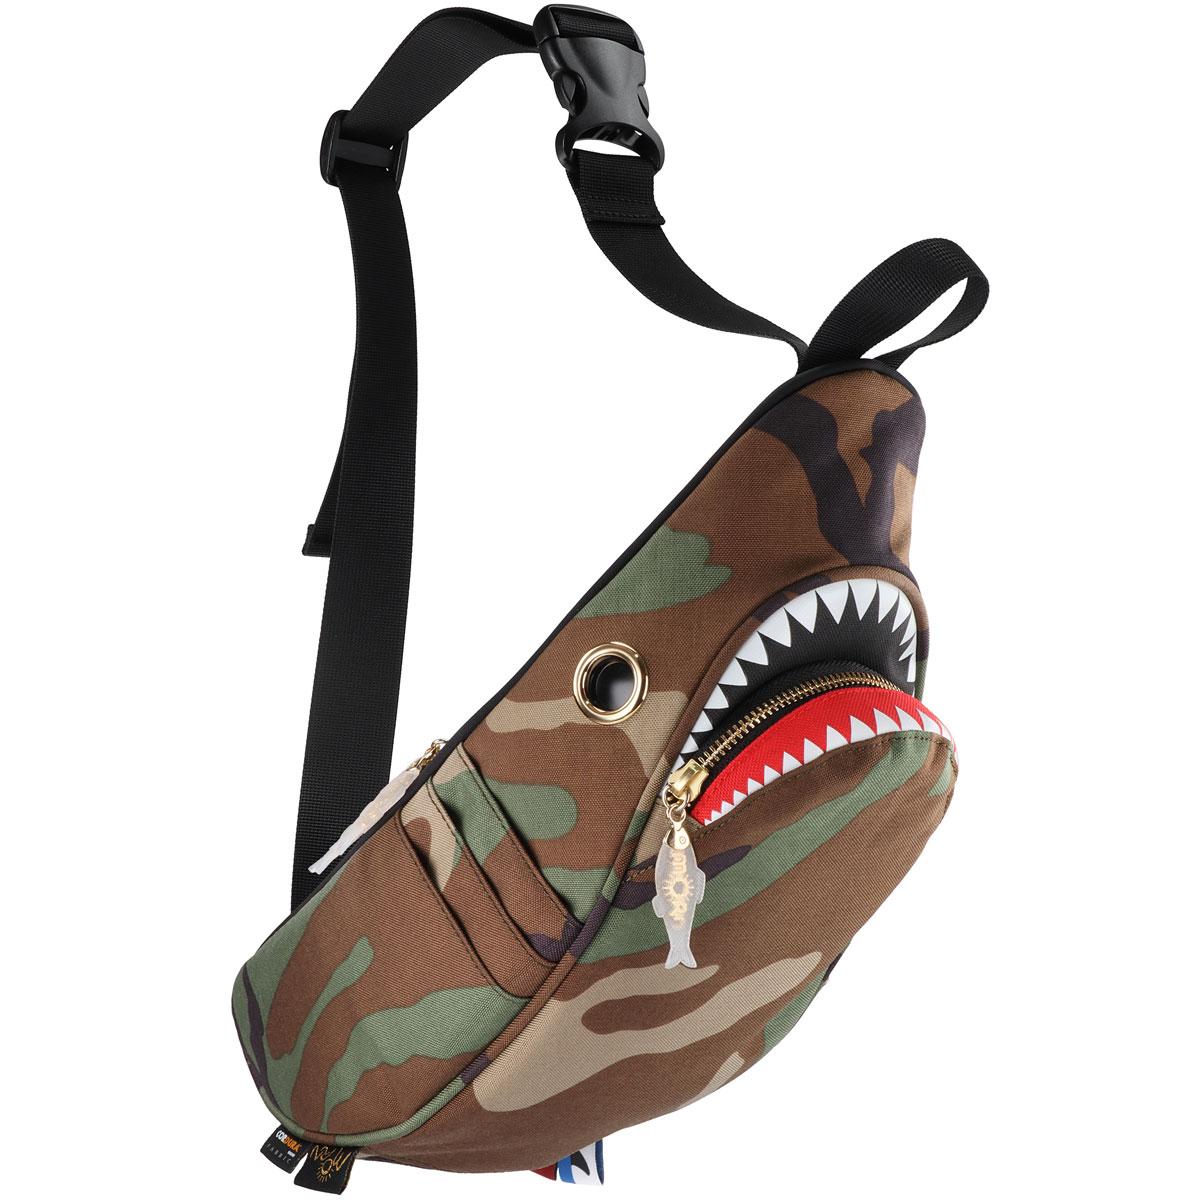 ウエストポーチ MORN CREATIONS シャークウエストポーチ サメバッグ 正規品 ウエストバッグ ウエストバック モーンクリエイションズ シャークバッグ カモフラ